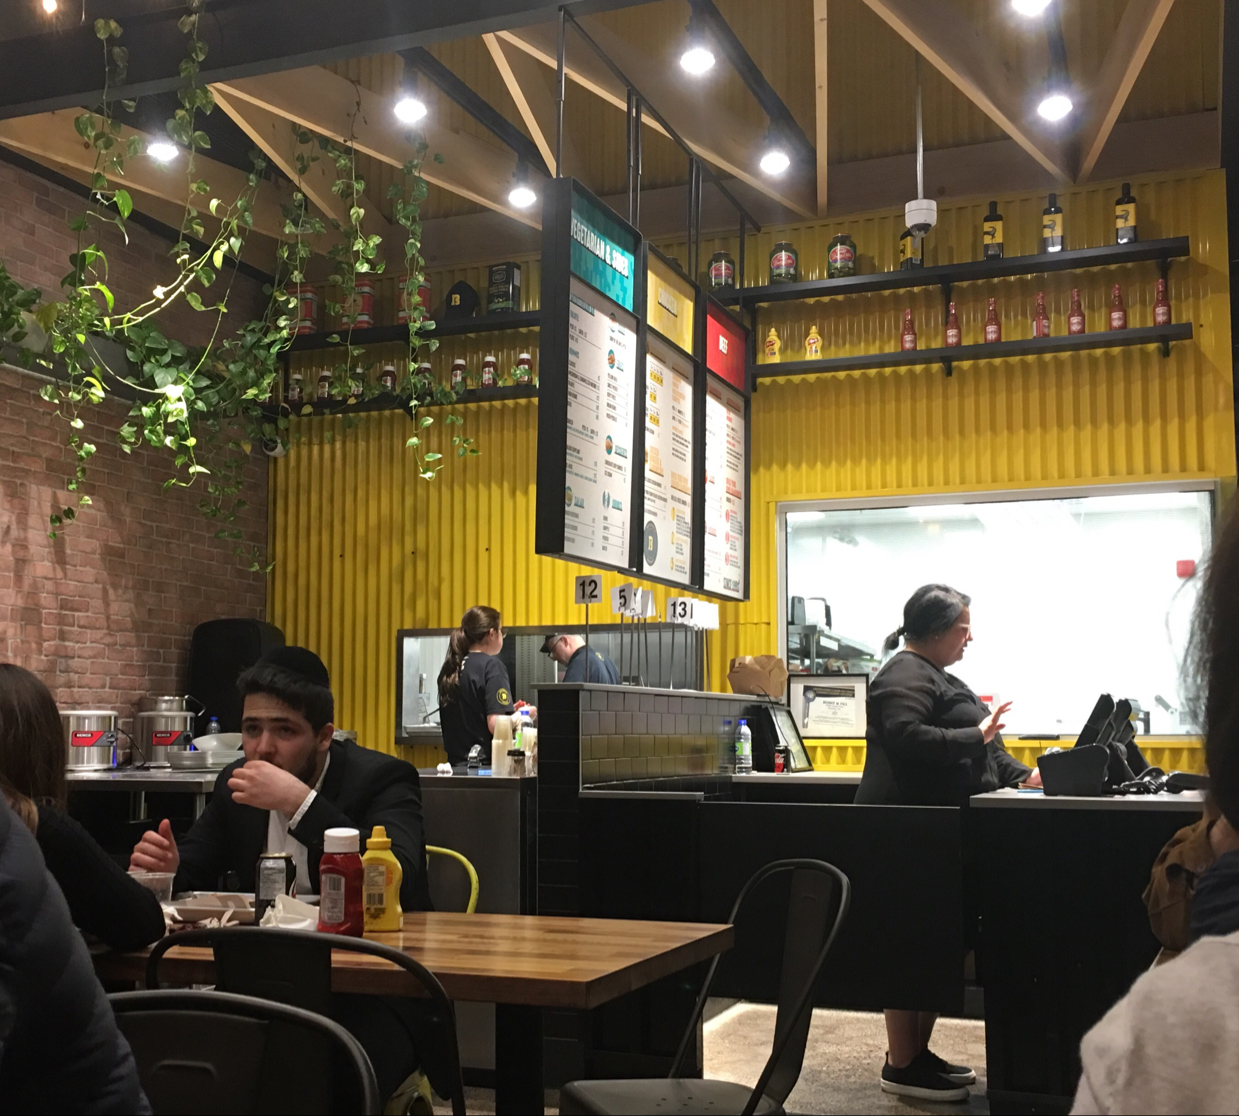 Interior of restaurant - June 2019